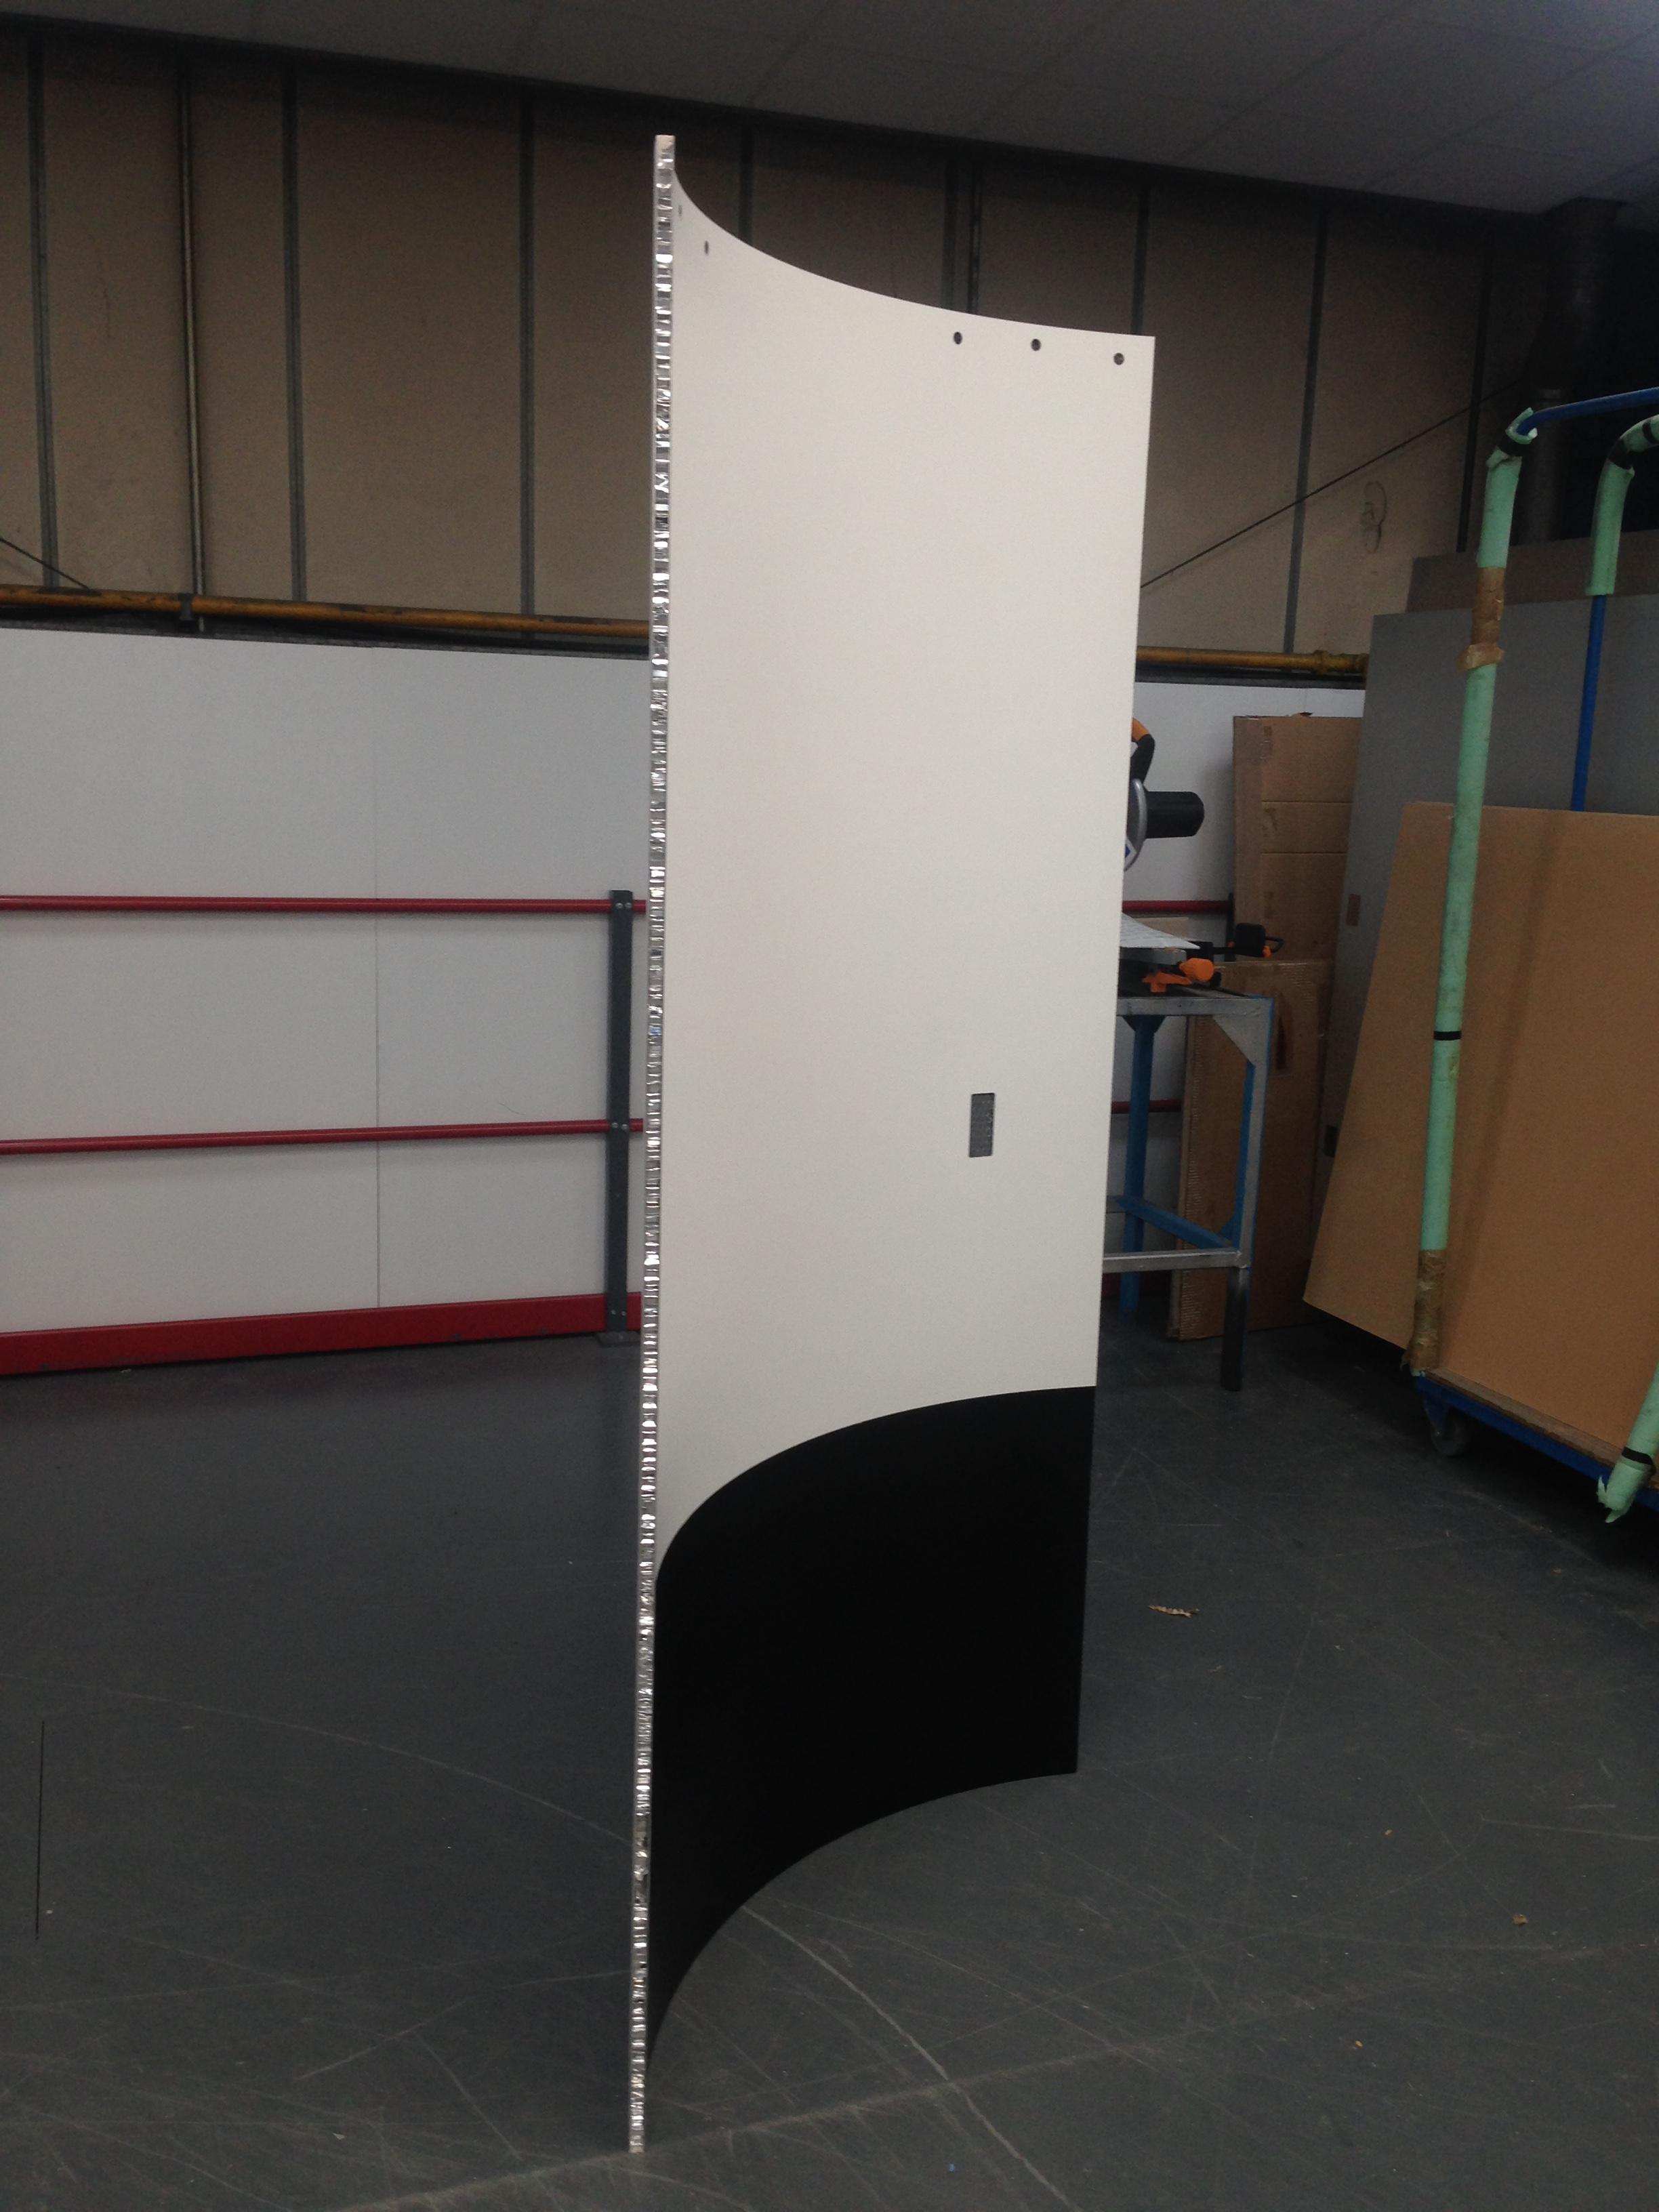 Universal Accessible Toilet (UAT) Module door in production